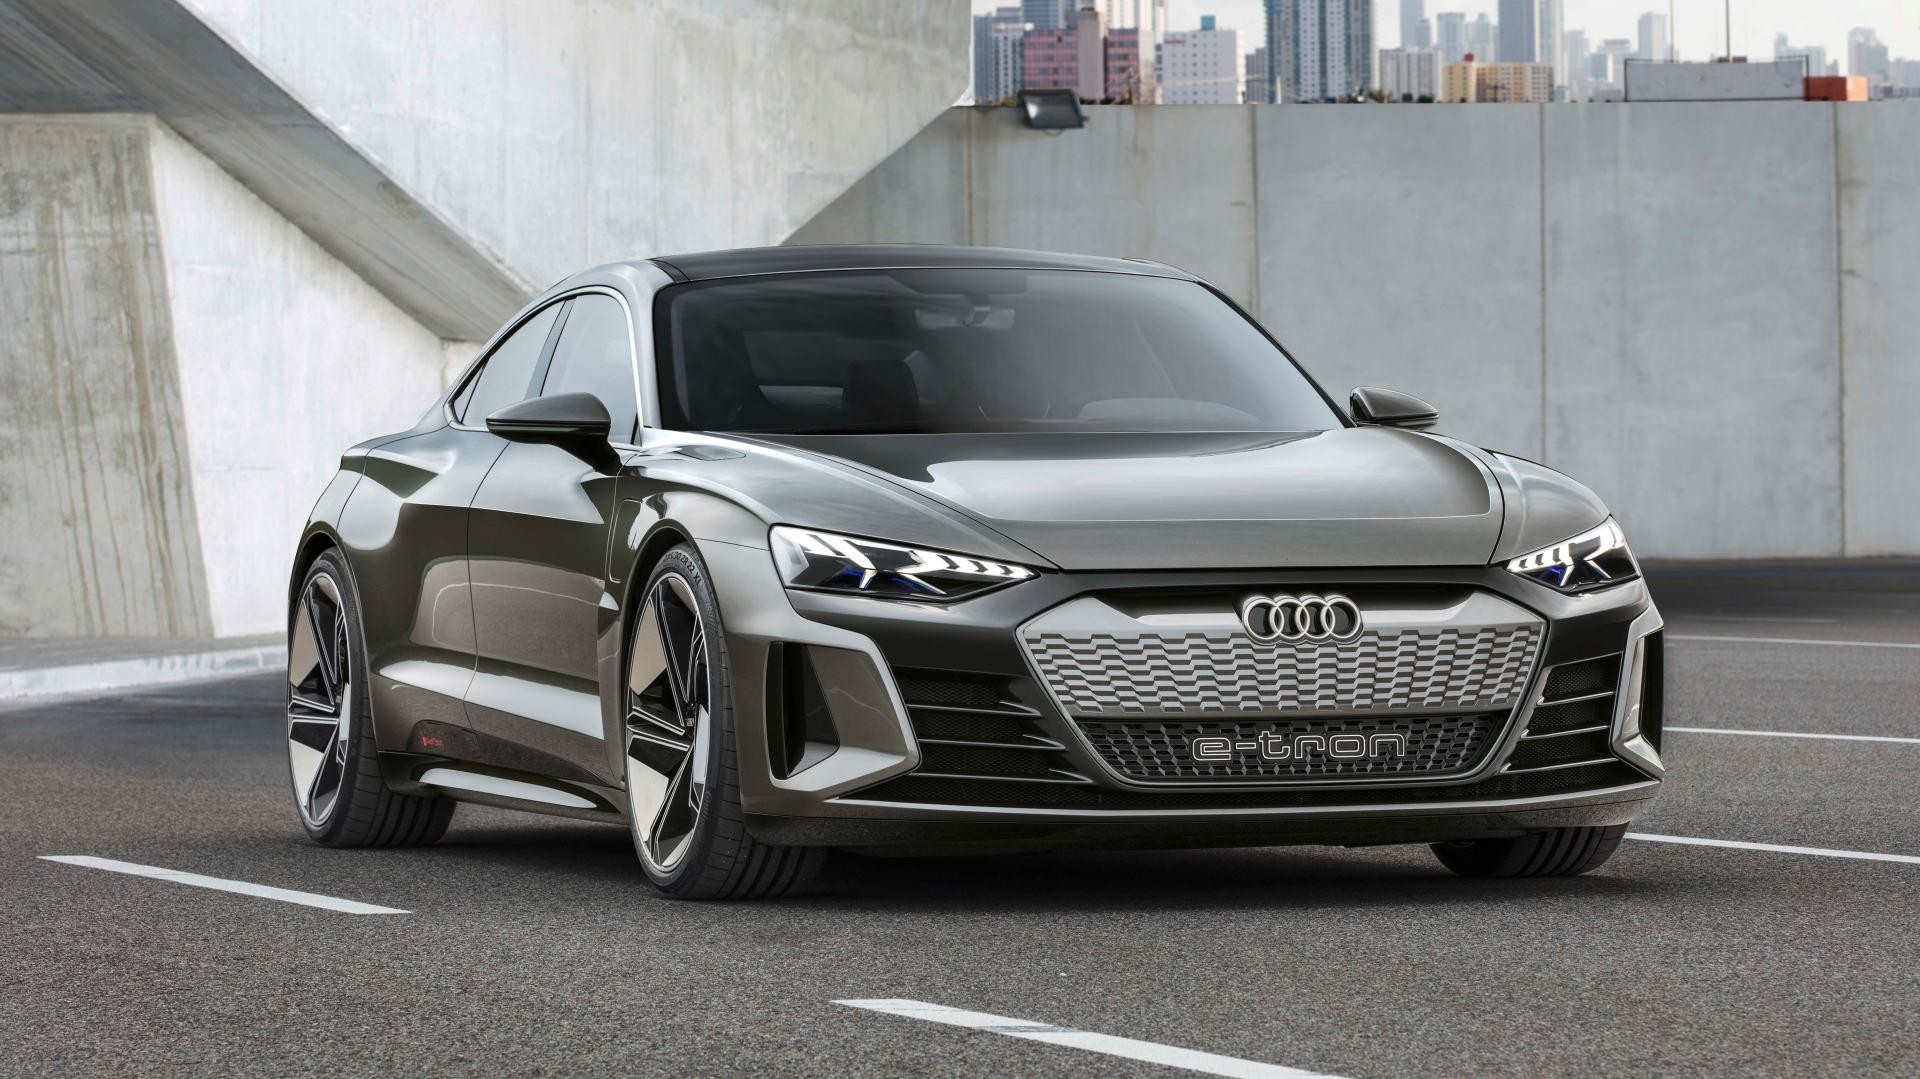 Audi E Tron Gt Concept Previews 2020 Electric Flagship Redline